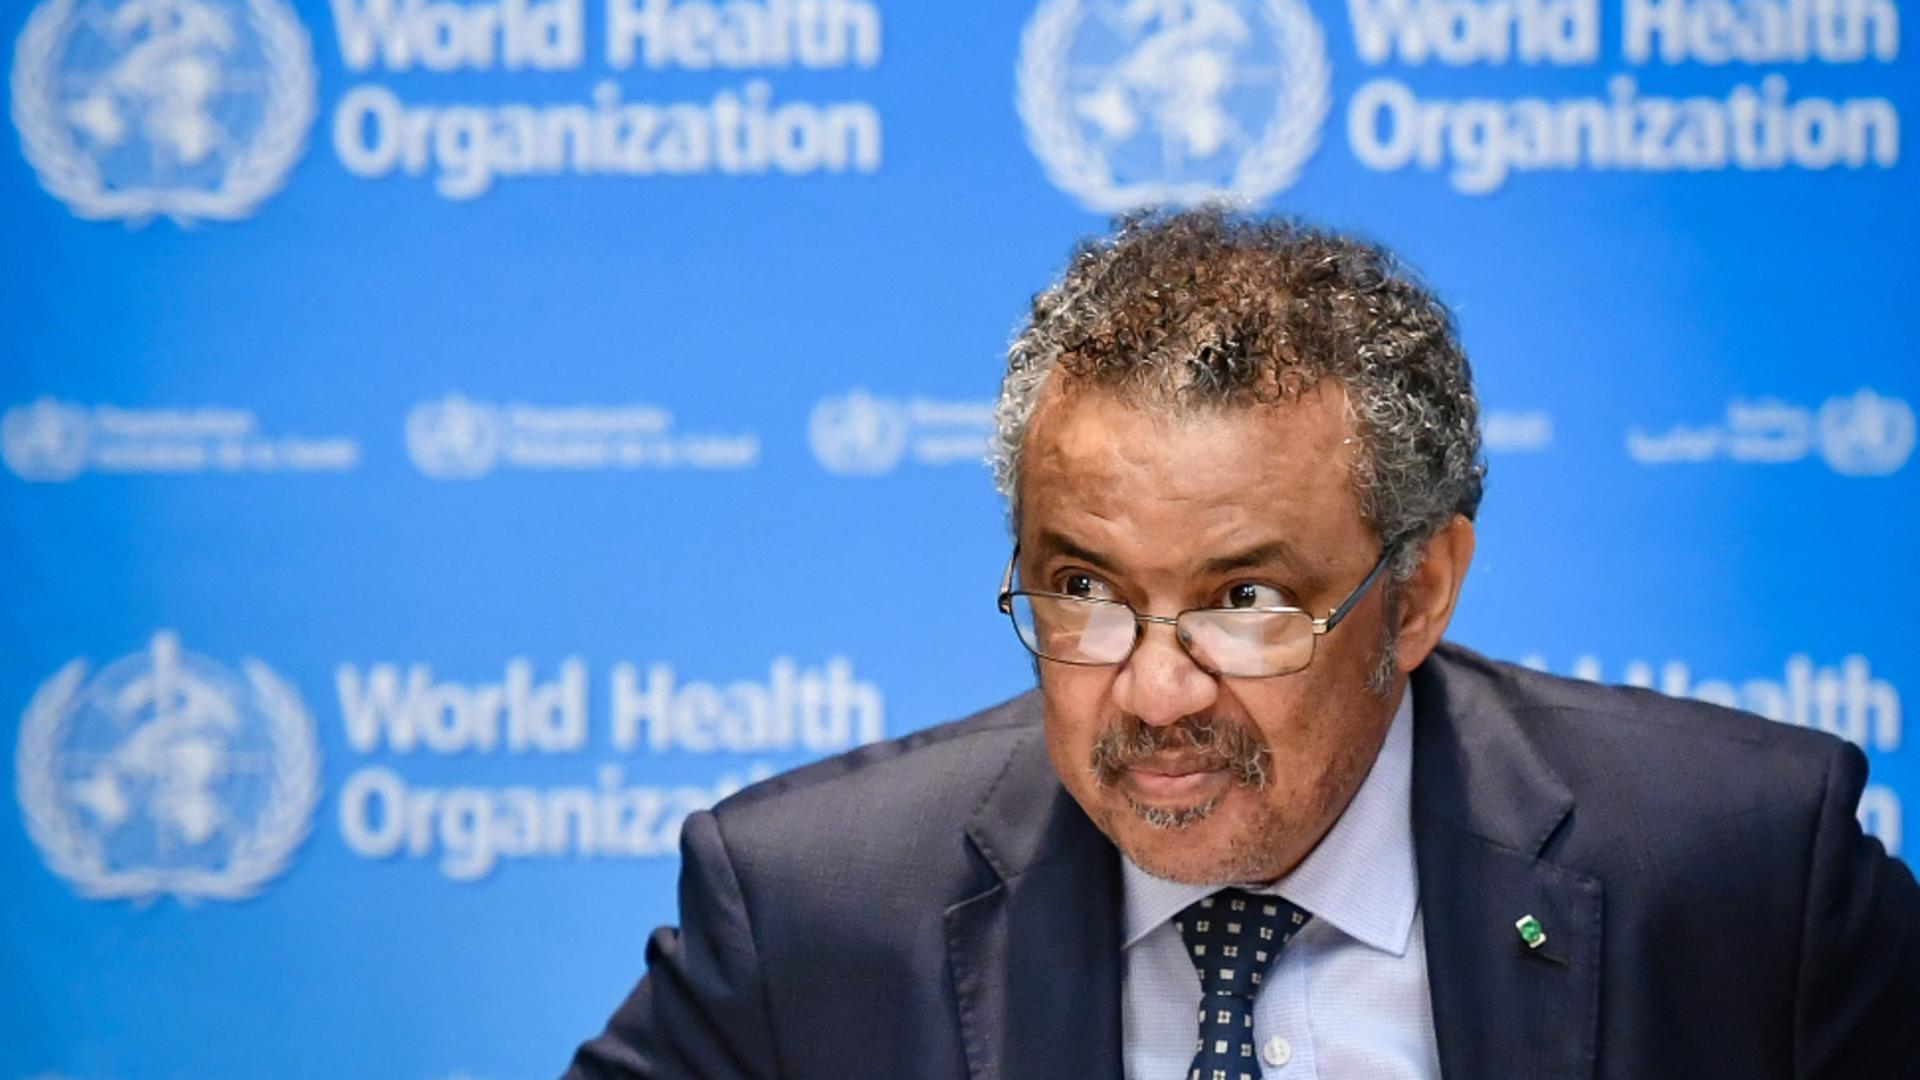 Directorul OMS, furios pe cei care trec la al treilea vaccin, în timp ce alte state nu l-au primit nici pe primul. Foto/arhivă